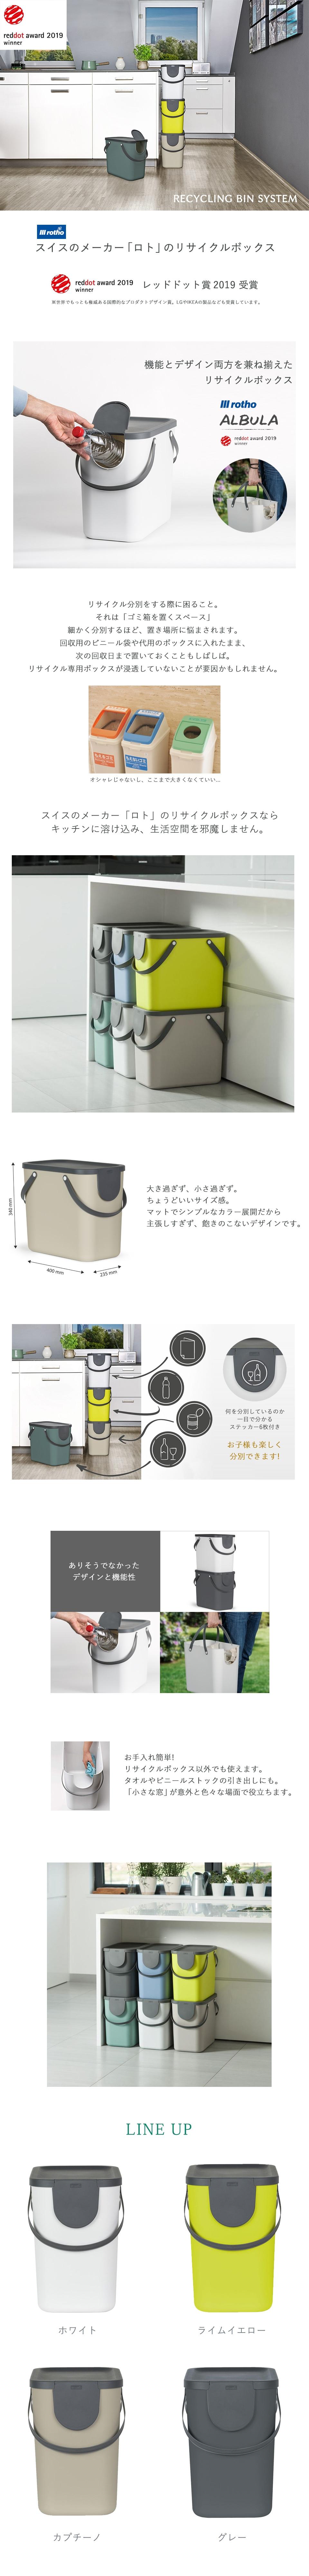 rotho ロト リサイクルボックス